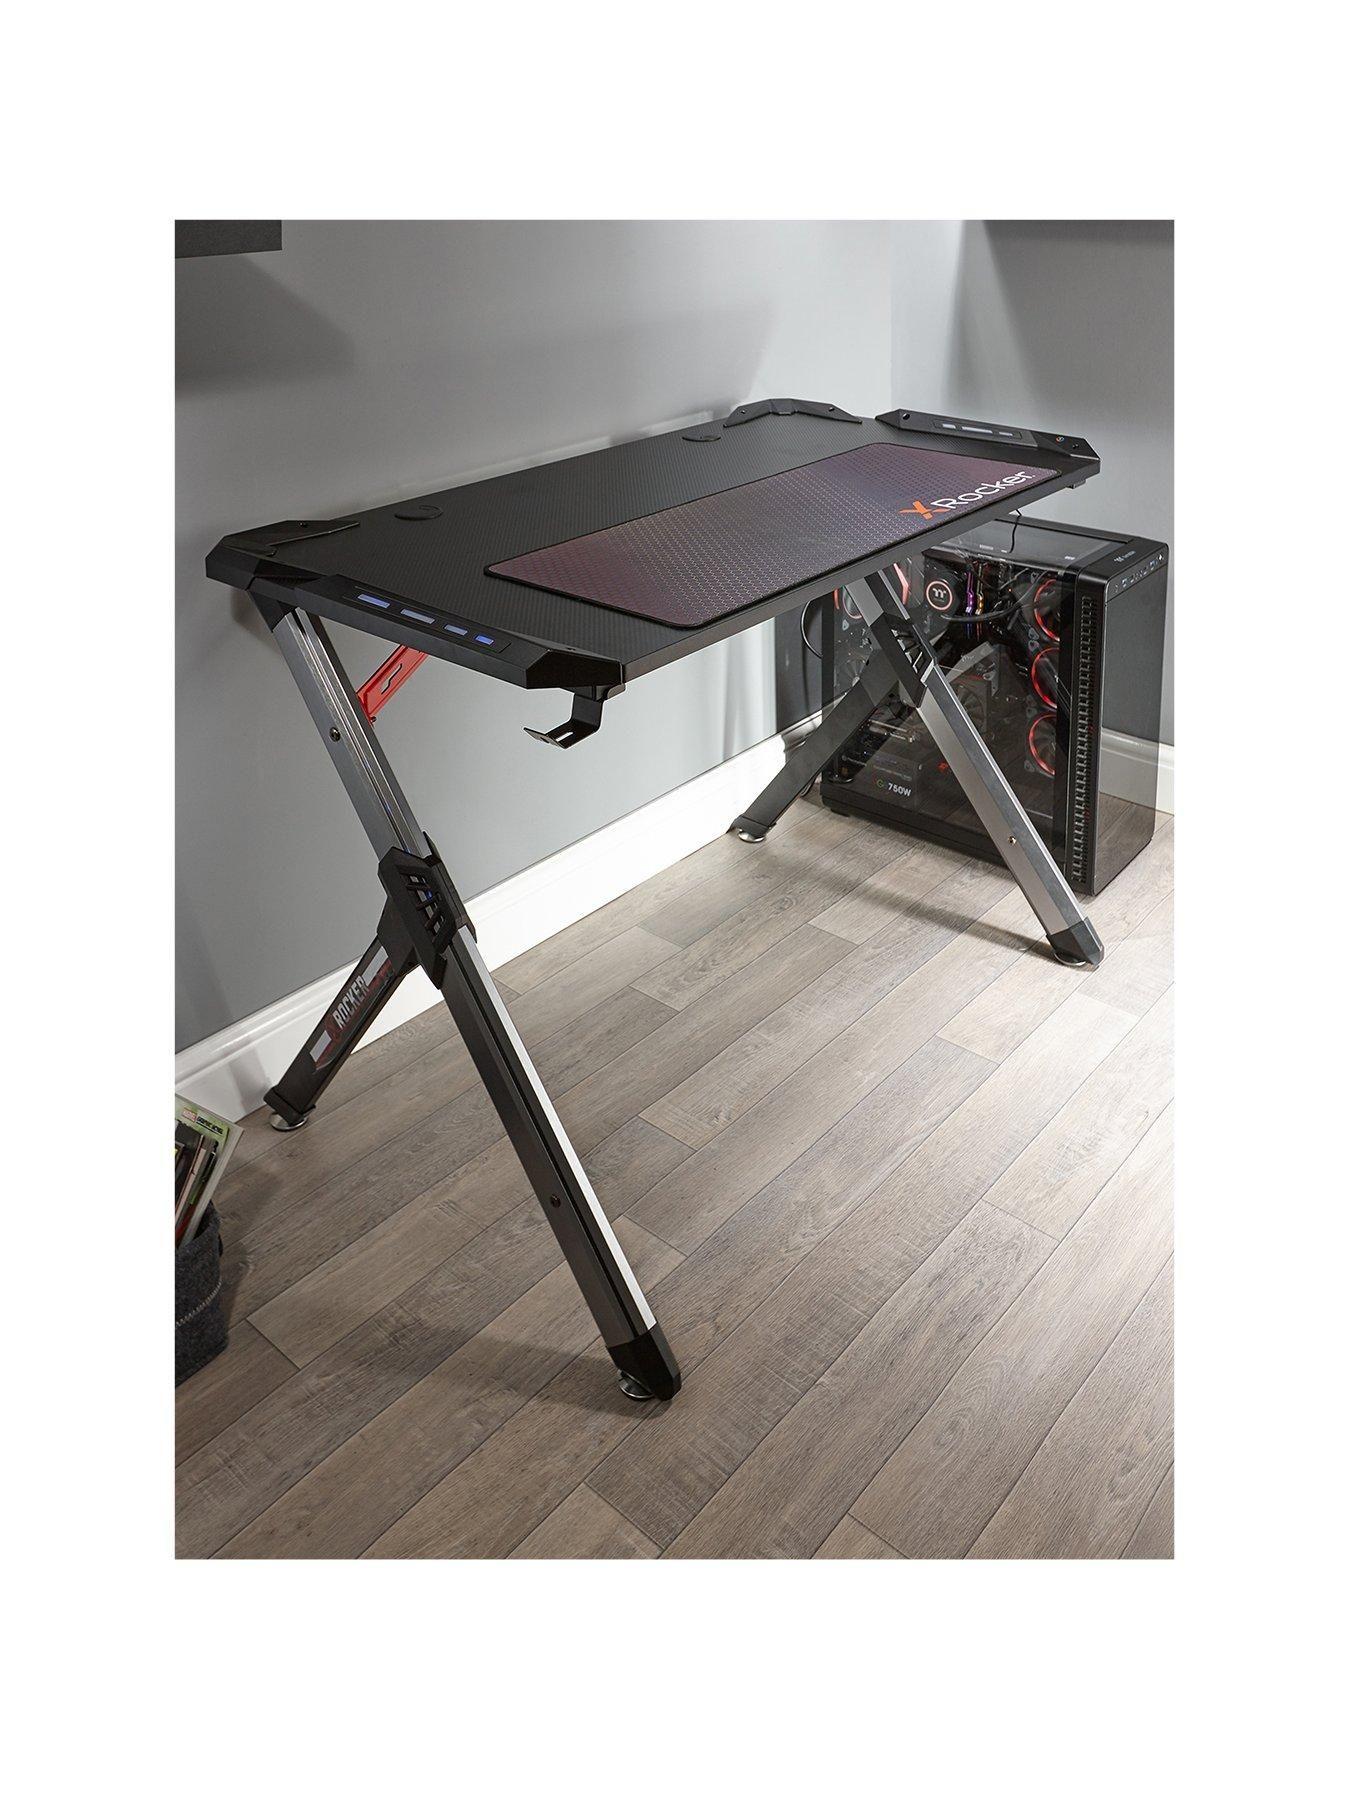 X Rocker Lynx Pc Gaming Desk in Black #gamingdesk